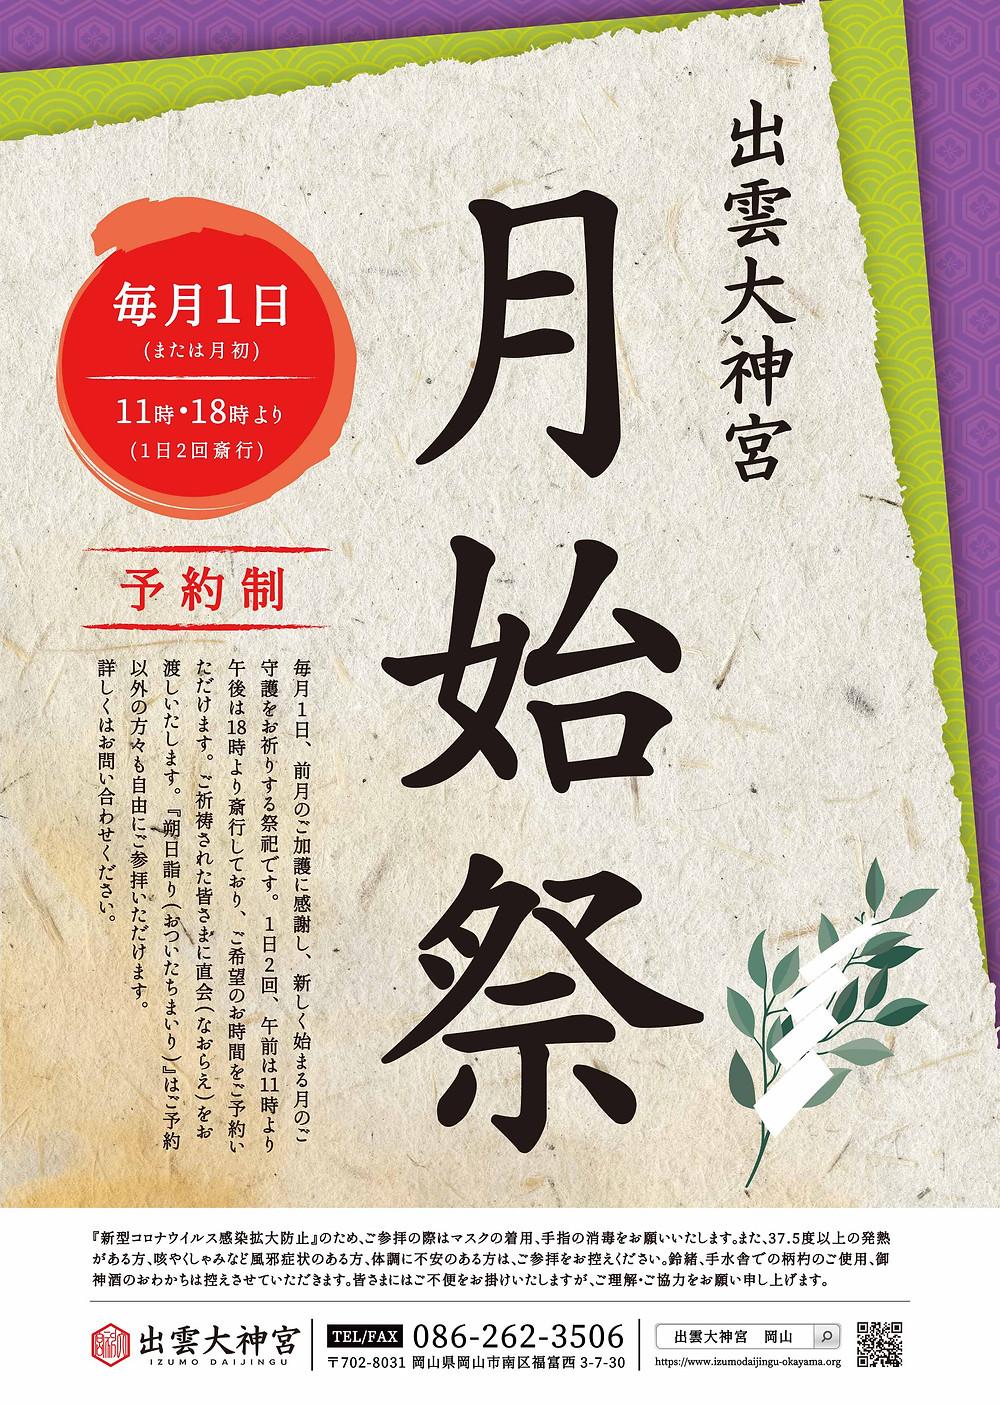 出雲大神宮 岡山 神社 地鎮祭 ご祈祷 月始祭 和柄 和風